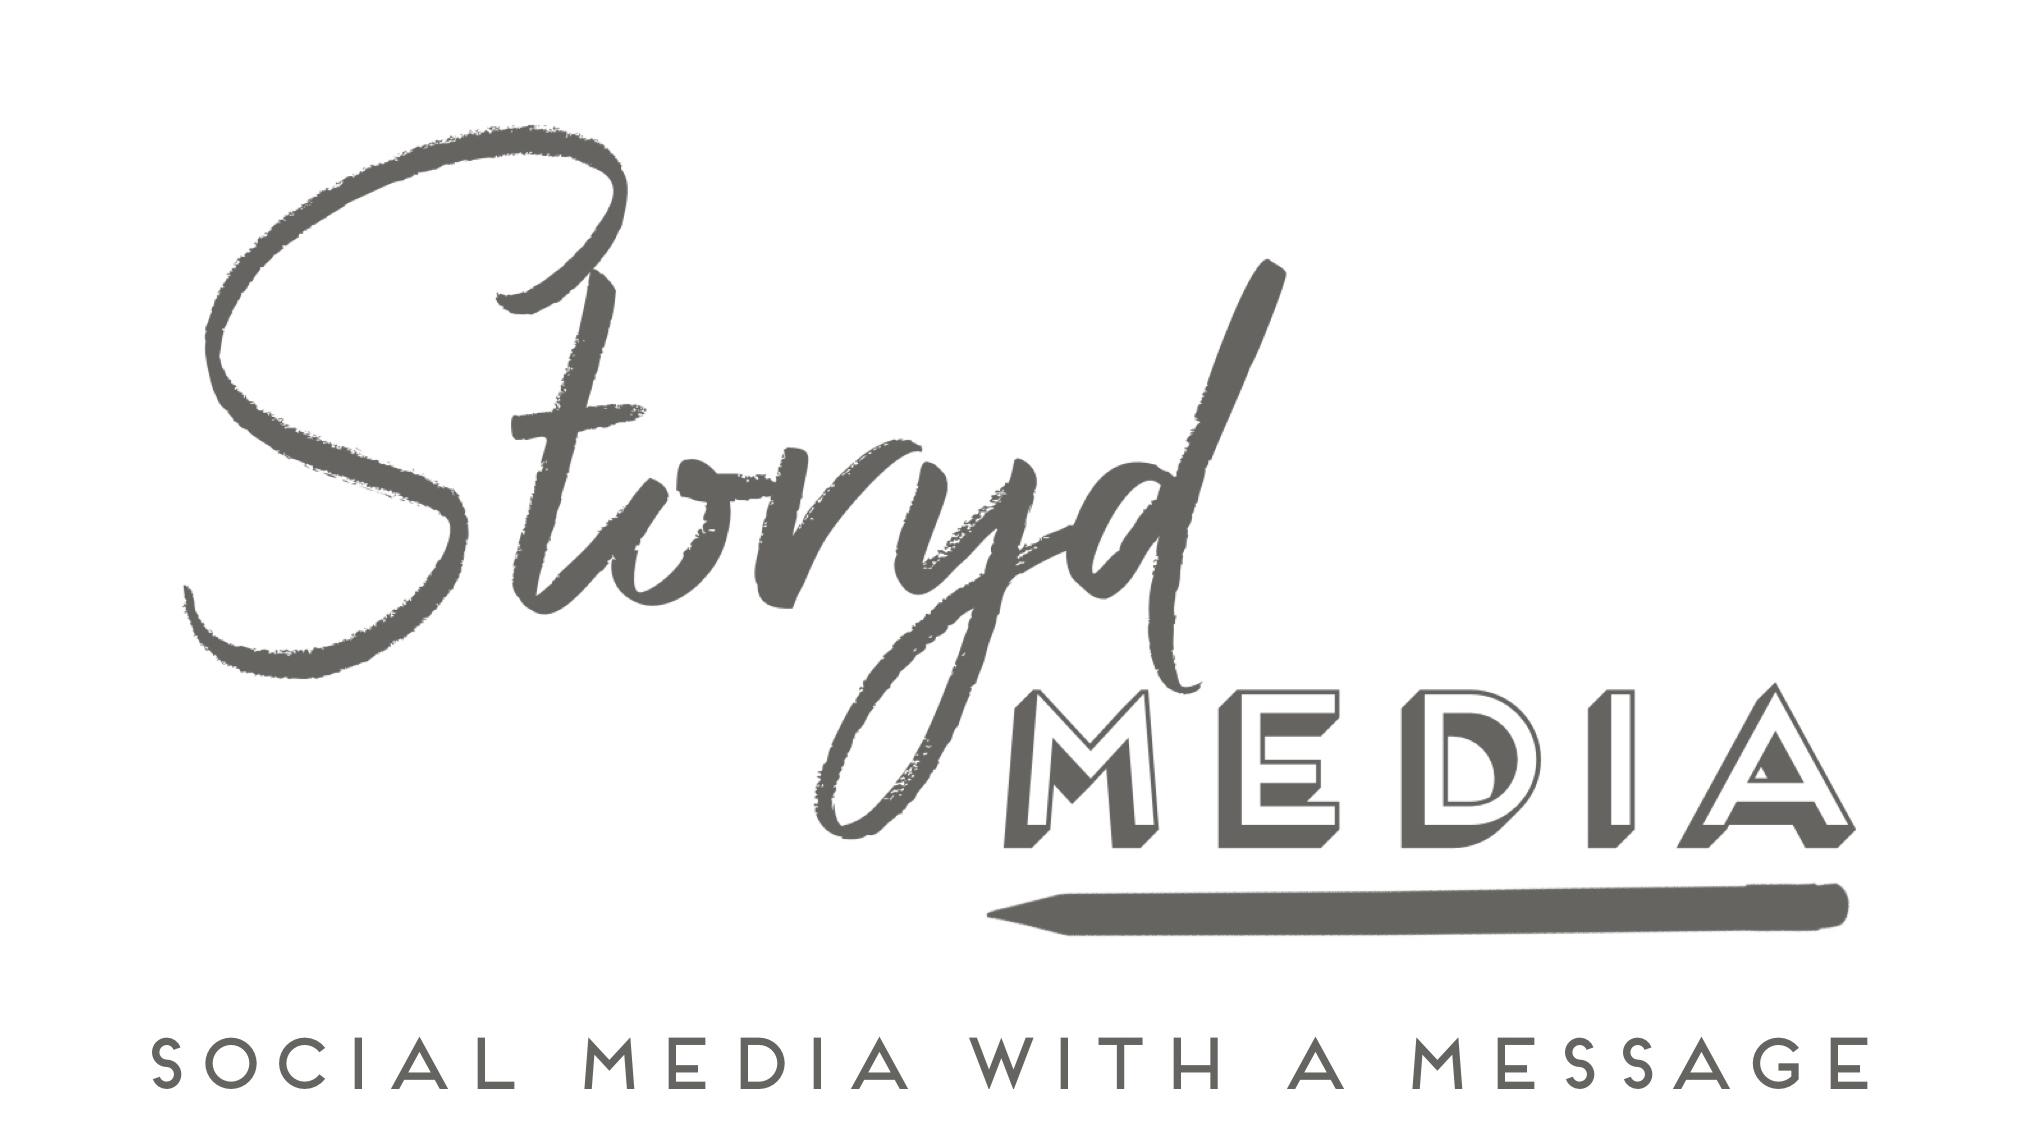 Storyd Media